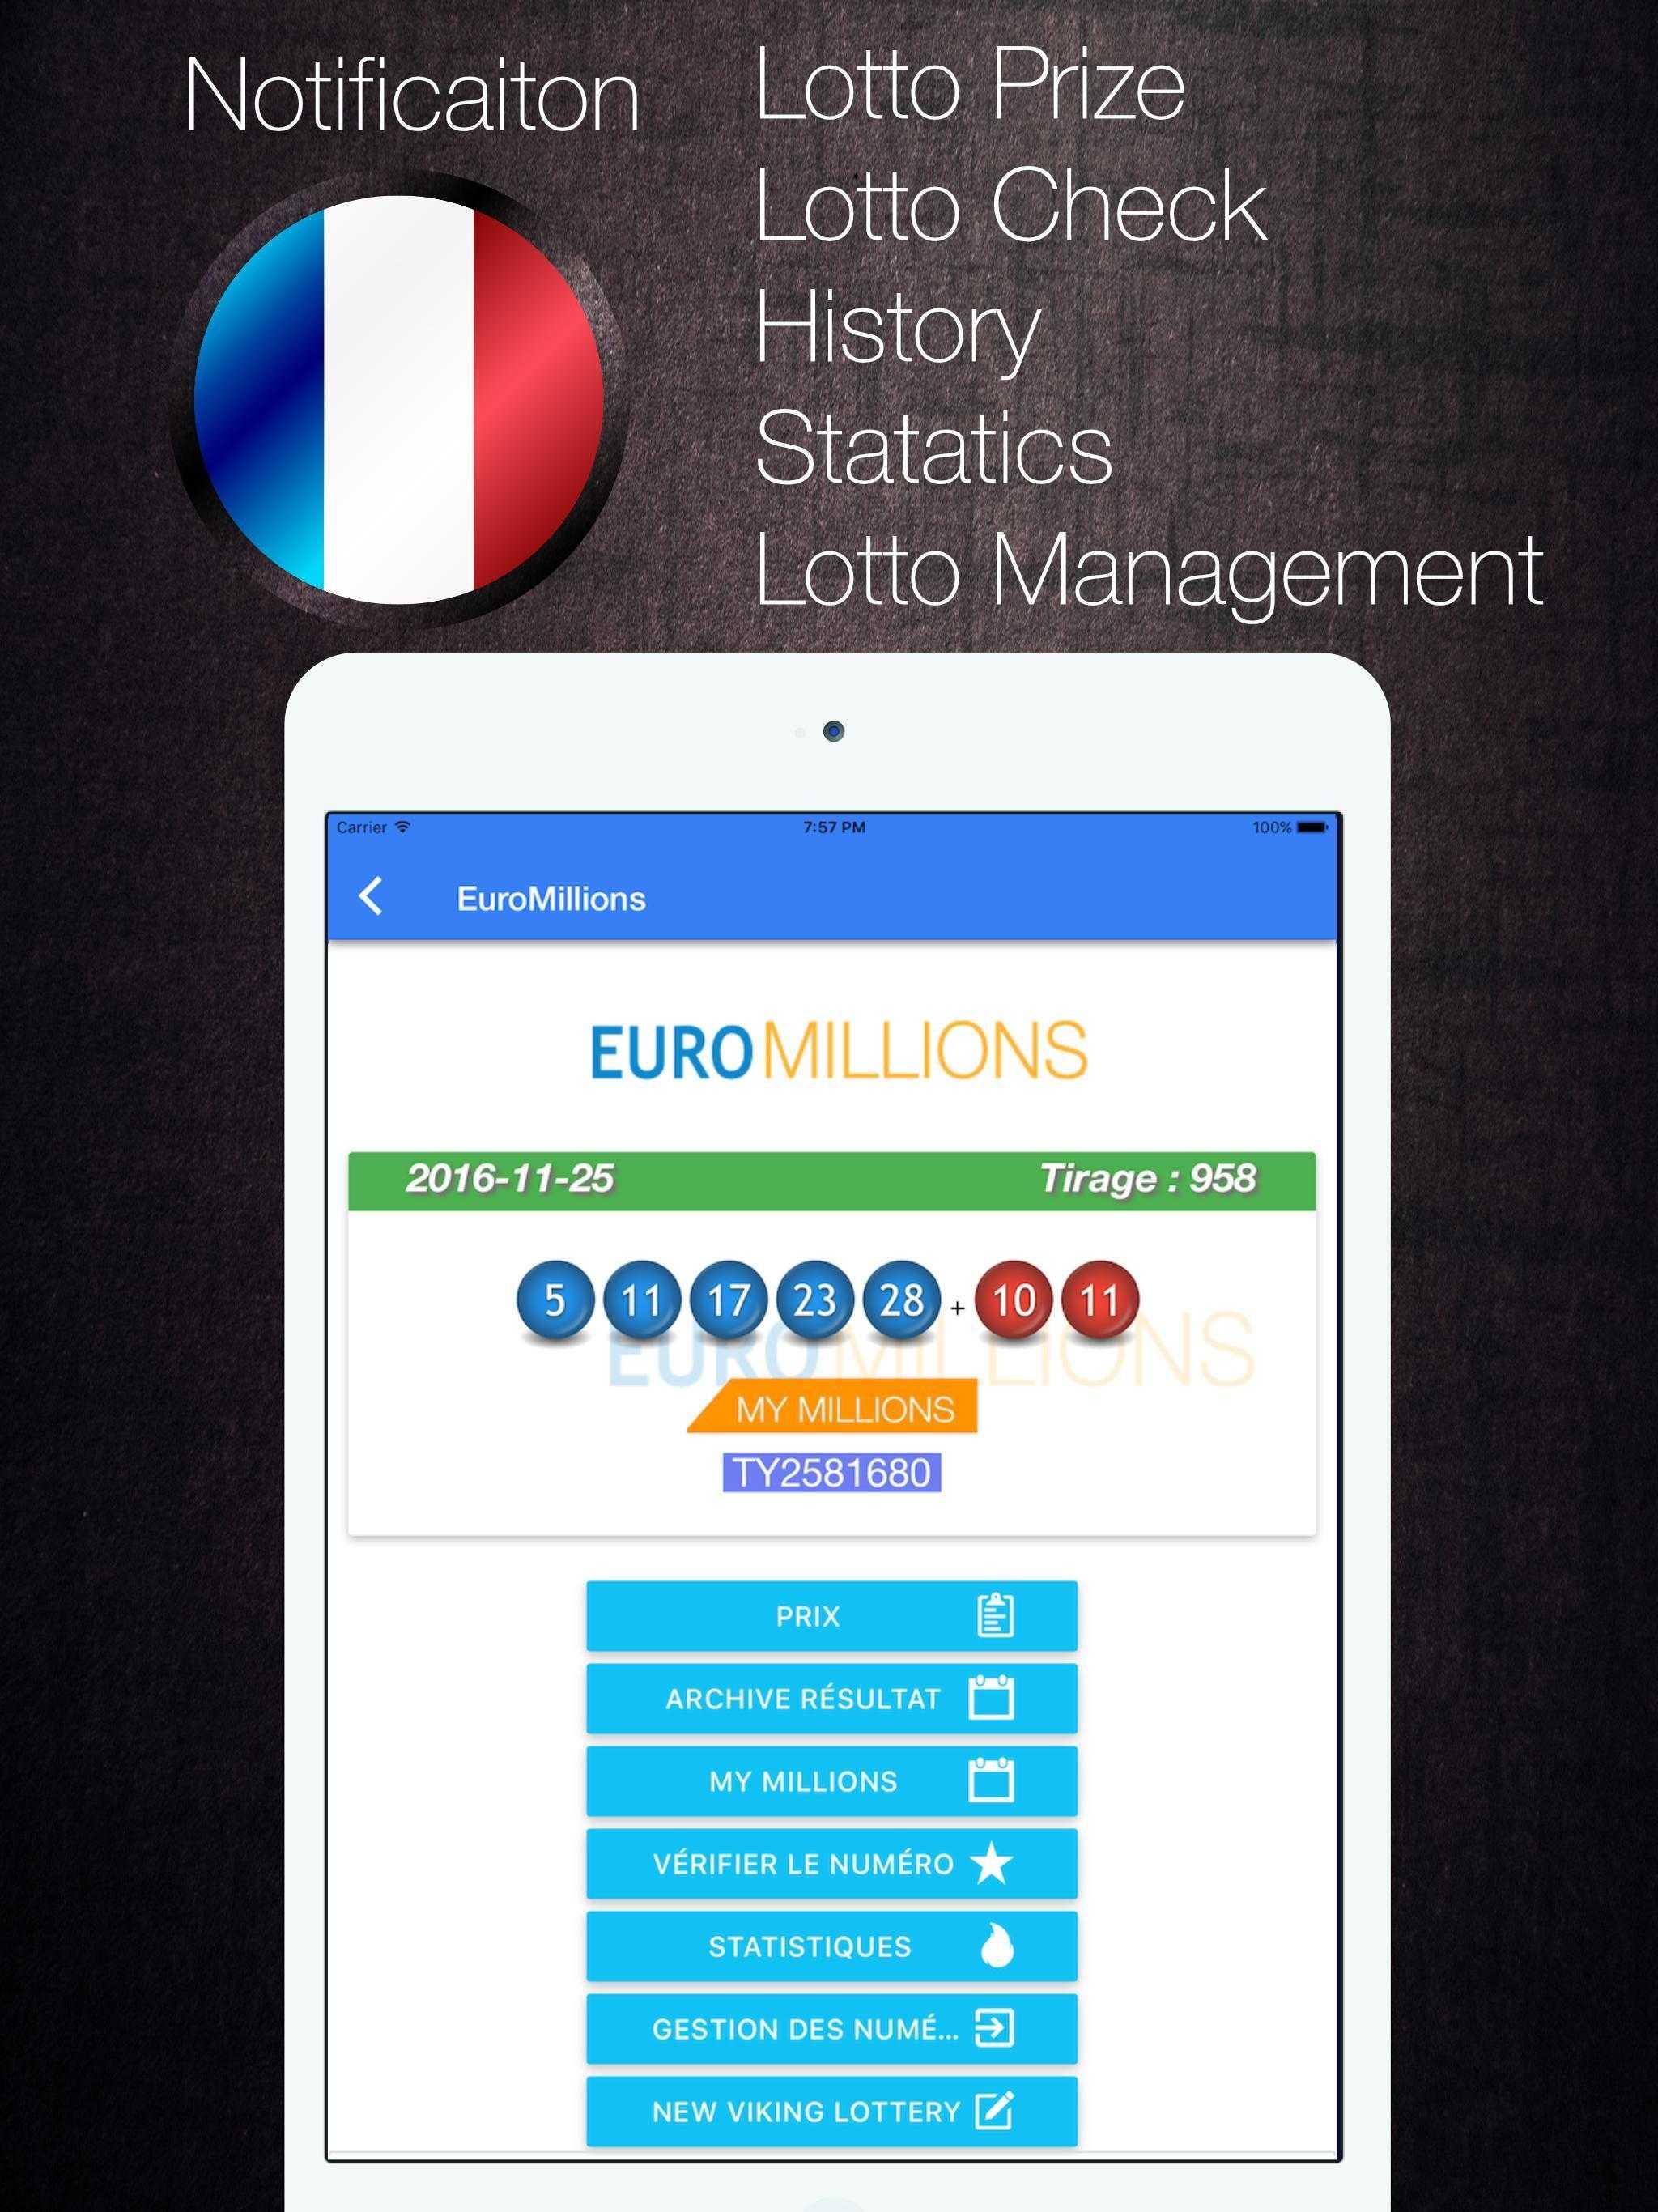 เล่นล็อตโต้ฝรั่งเศสออนไลน์: เปรียบเทียบราคาที่ lotto.eu